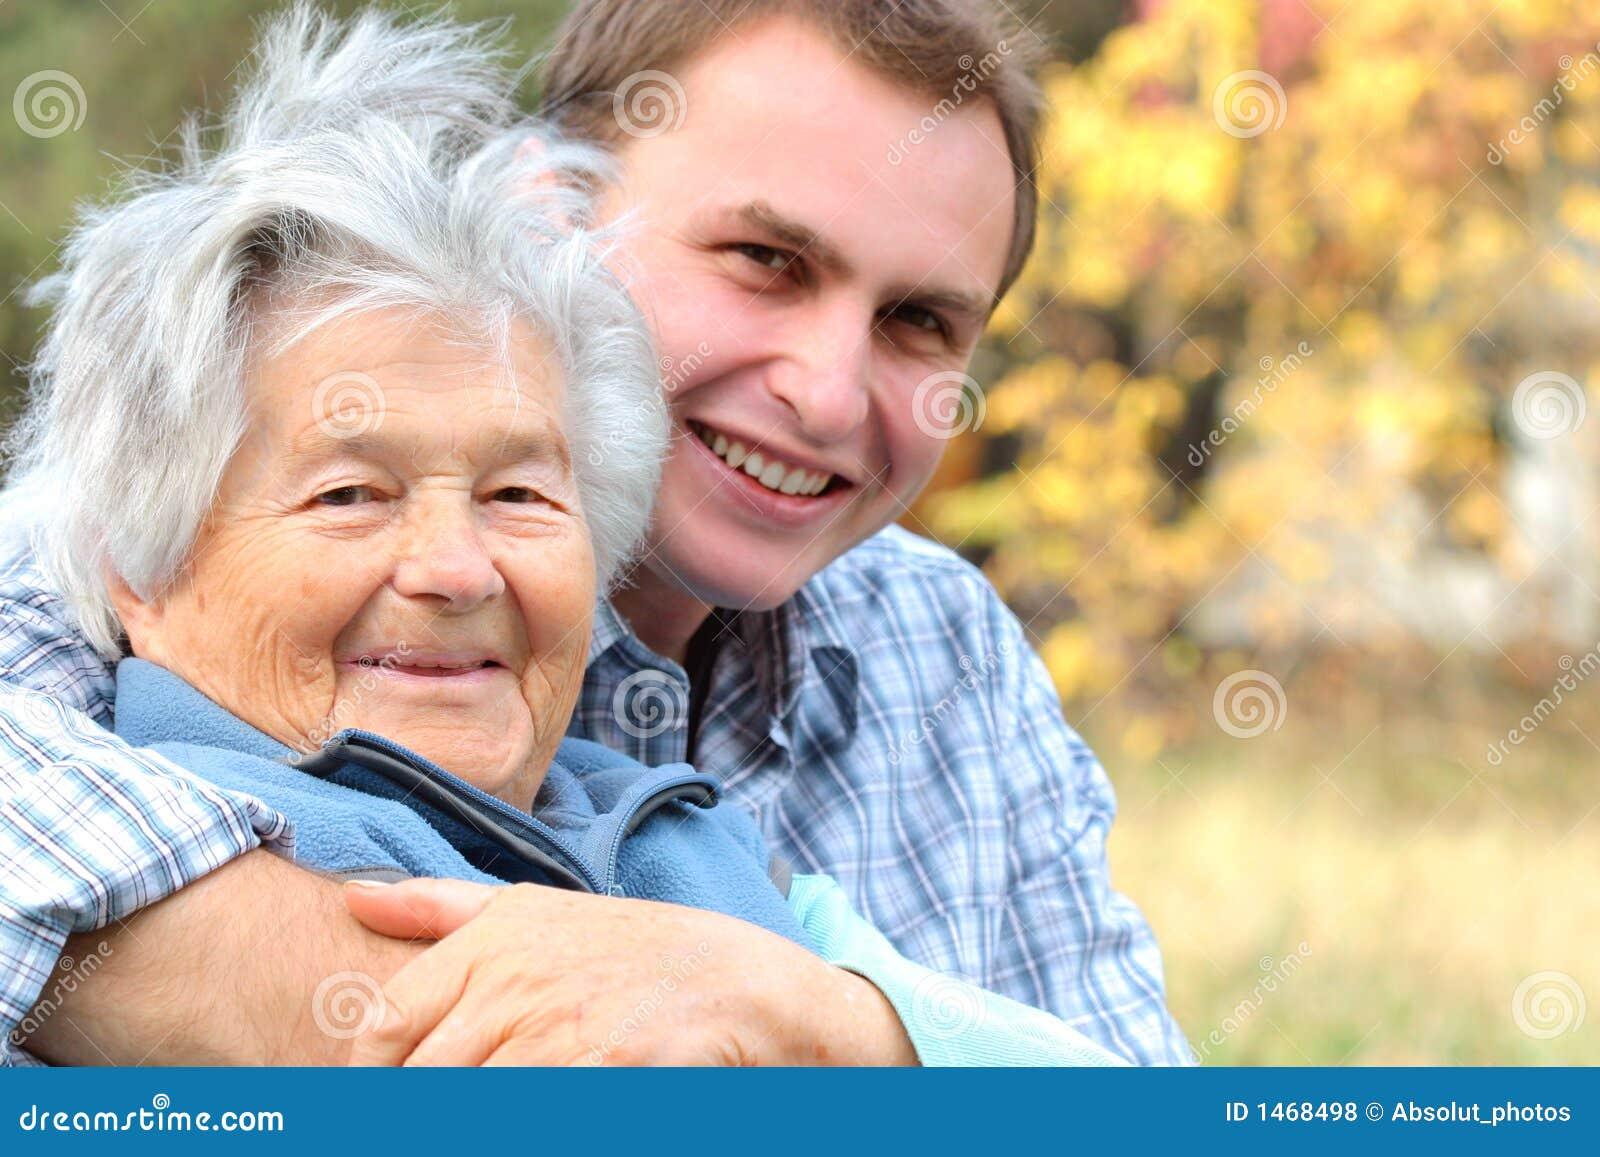 Pani starszych ludzi młodych